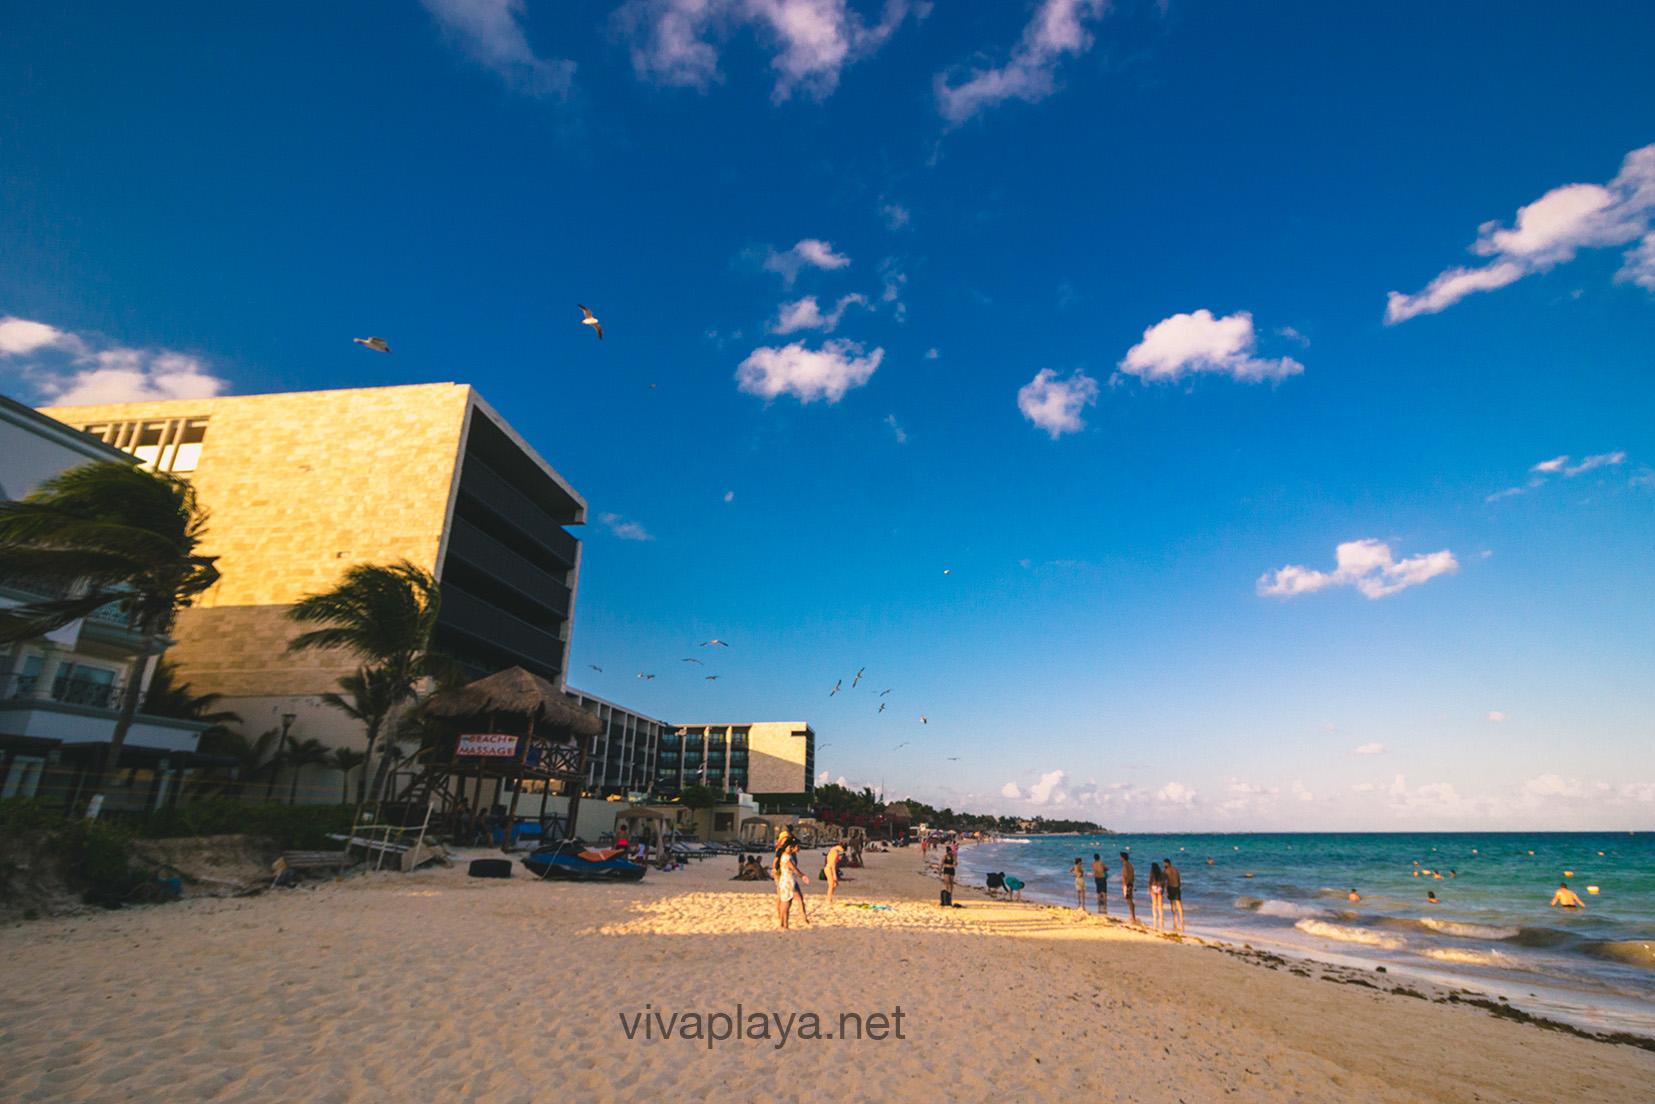 Playas publicas en Playa del Carmen - Viva Playa